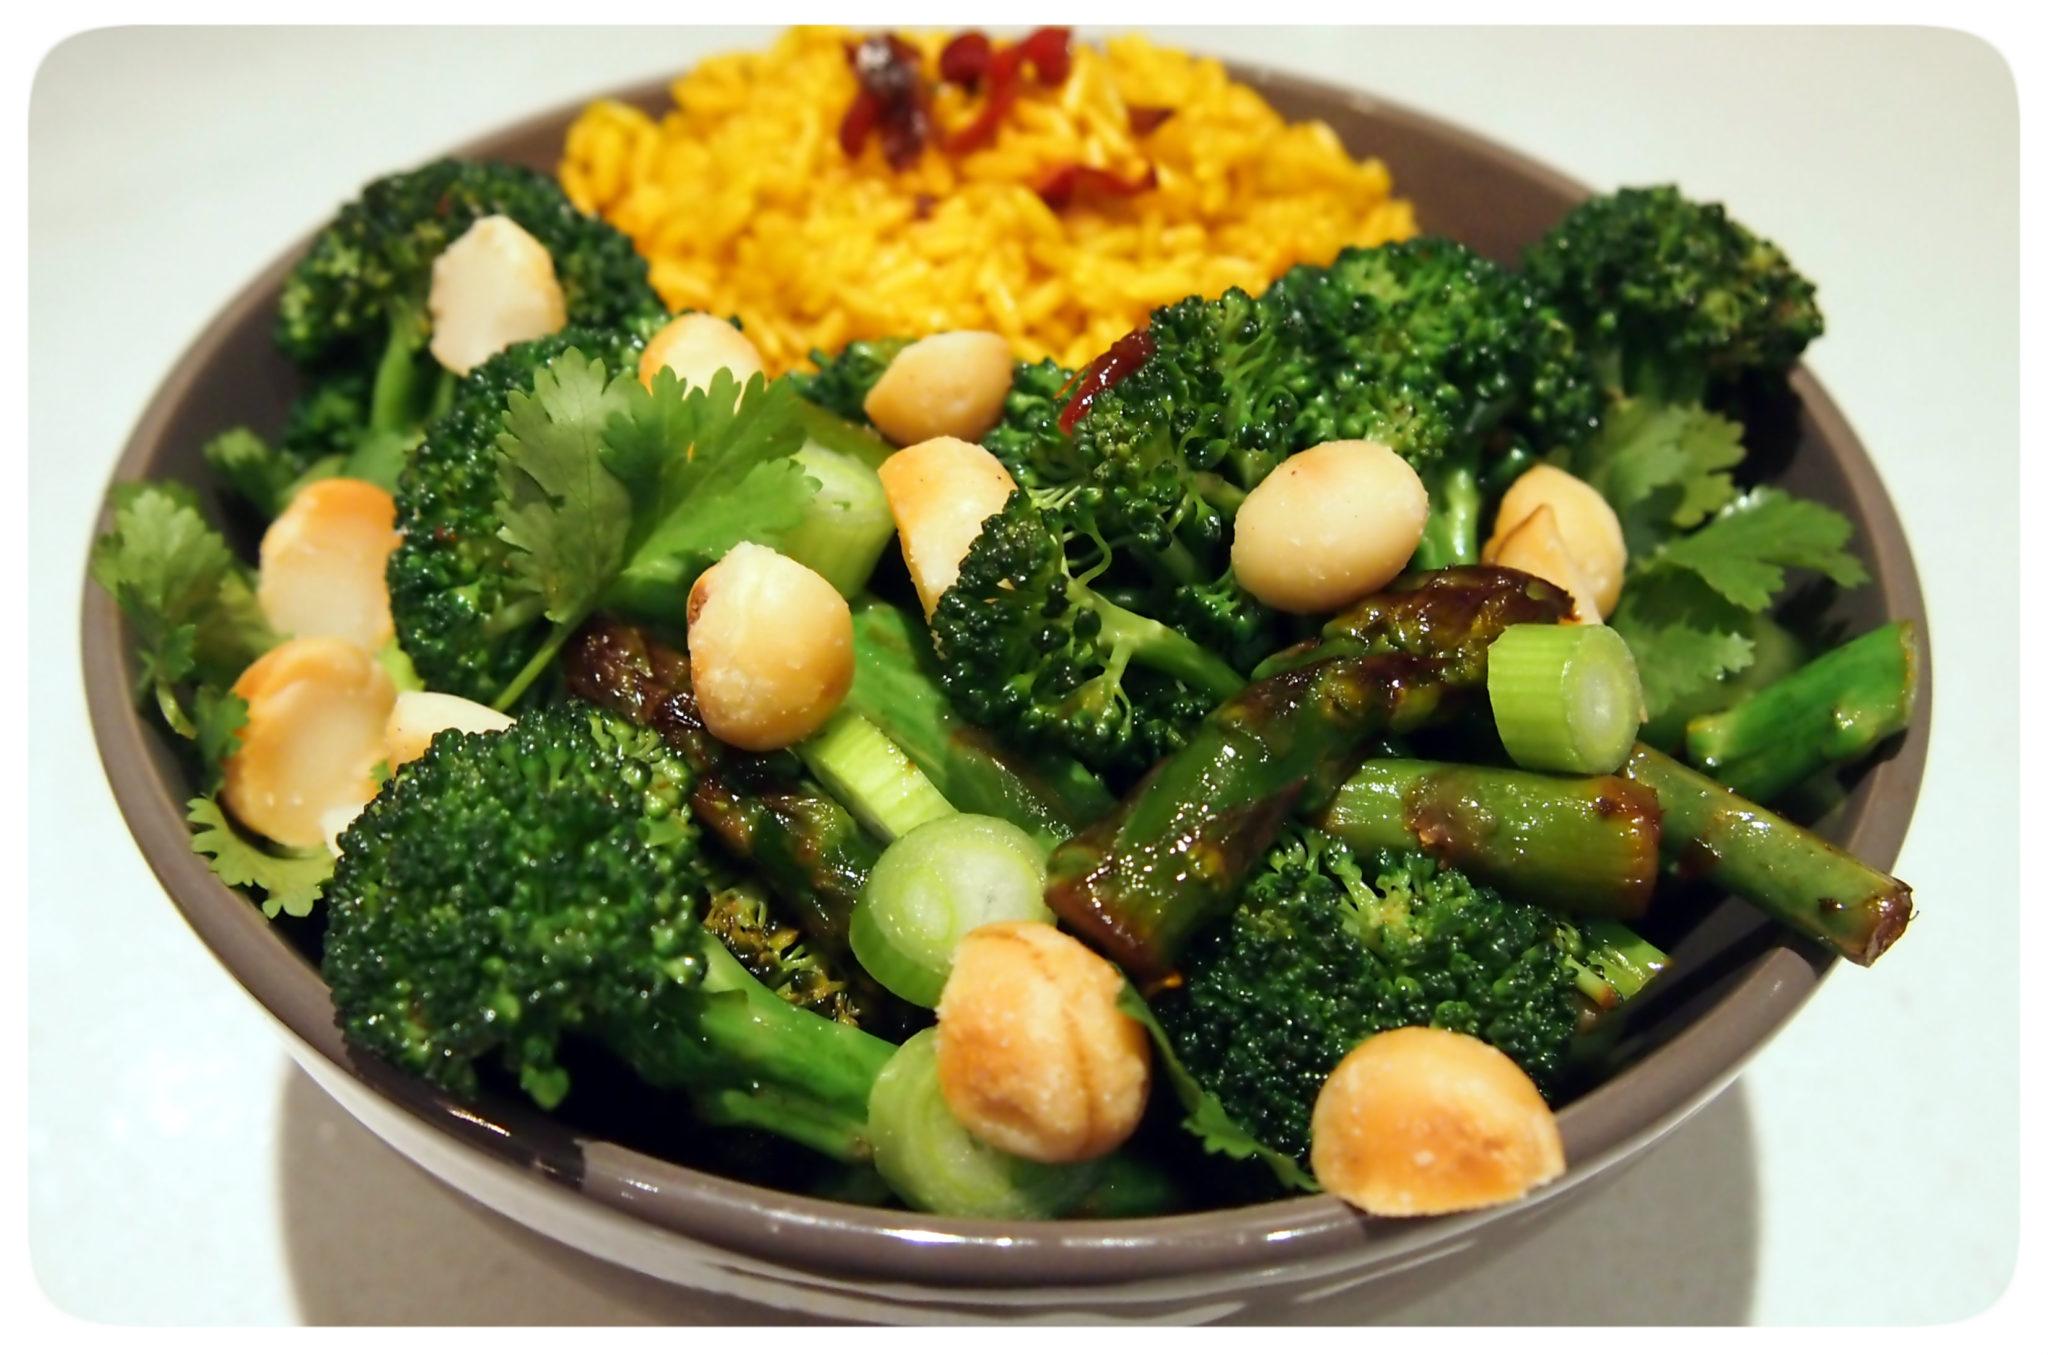 Broccolini Stir-Fry, Dry Roasted Macadamias & Turmeric Rice